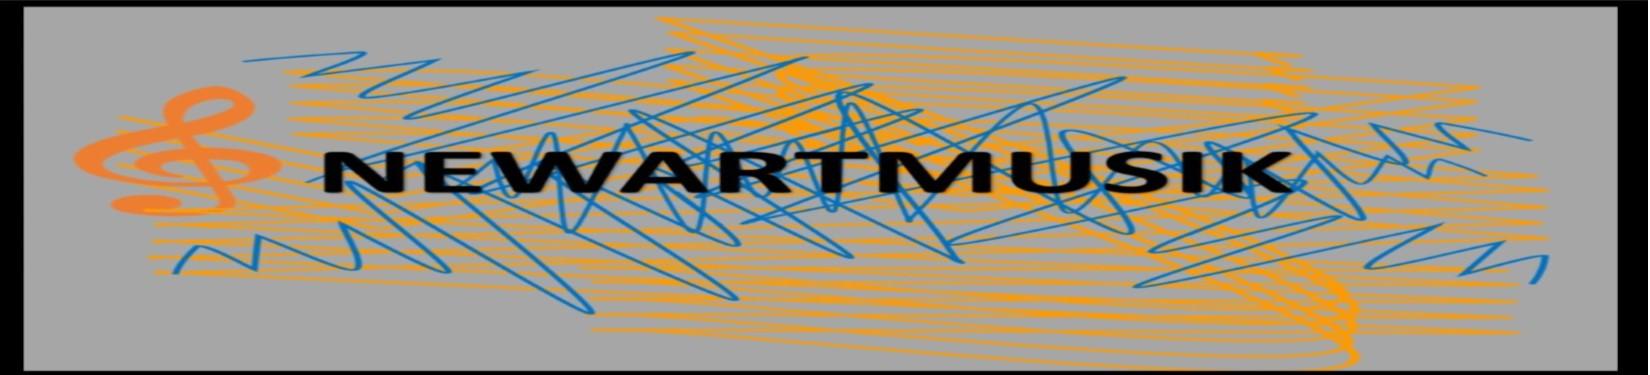 NEWARTMUSIK wide LogoFramed